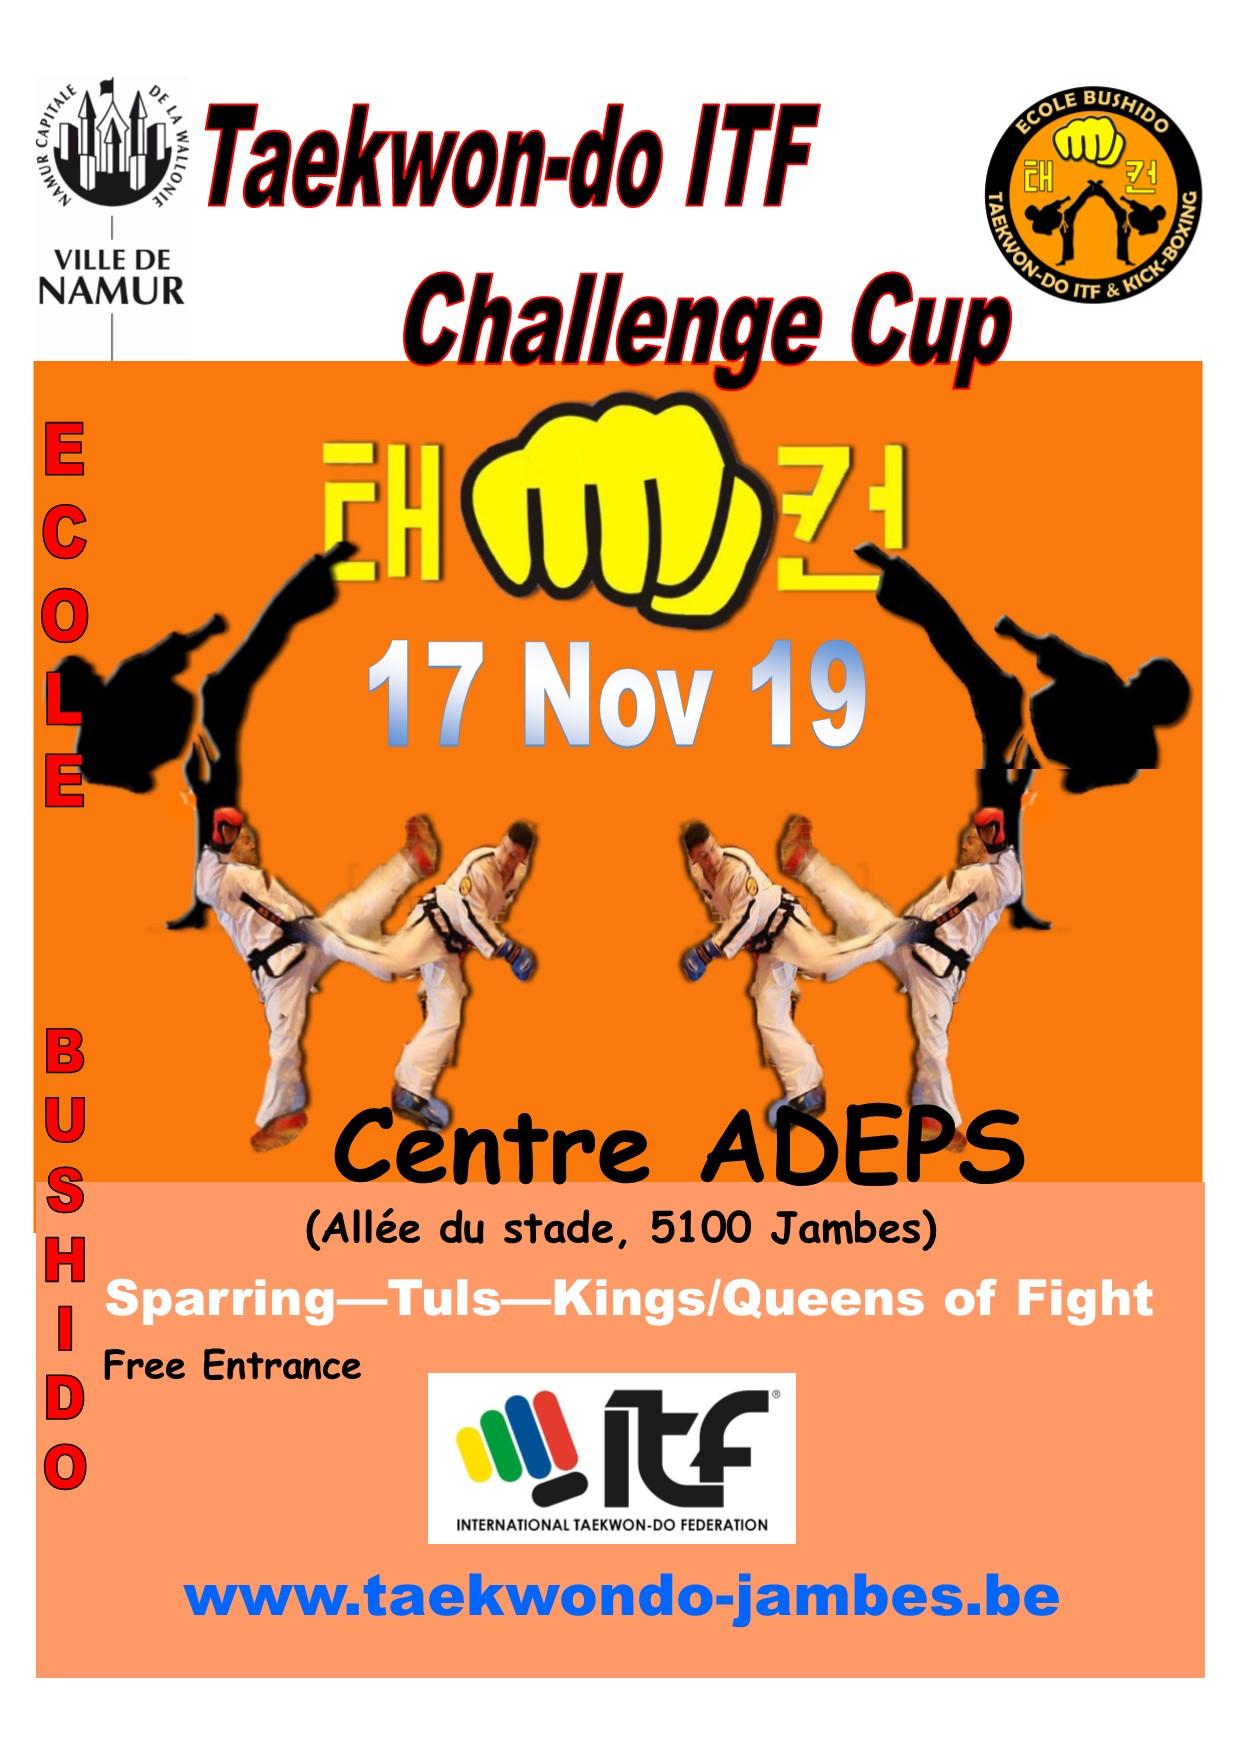 affiche challenge cup 17 Nov 19.jpg